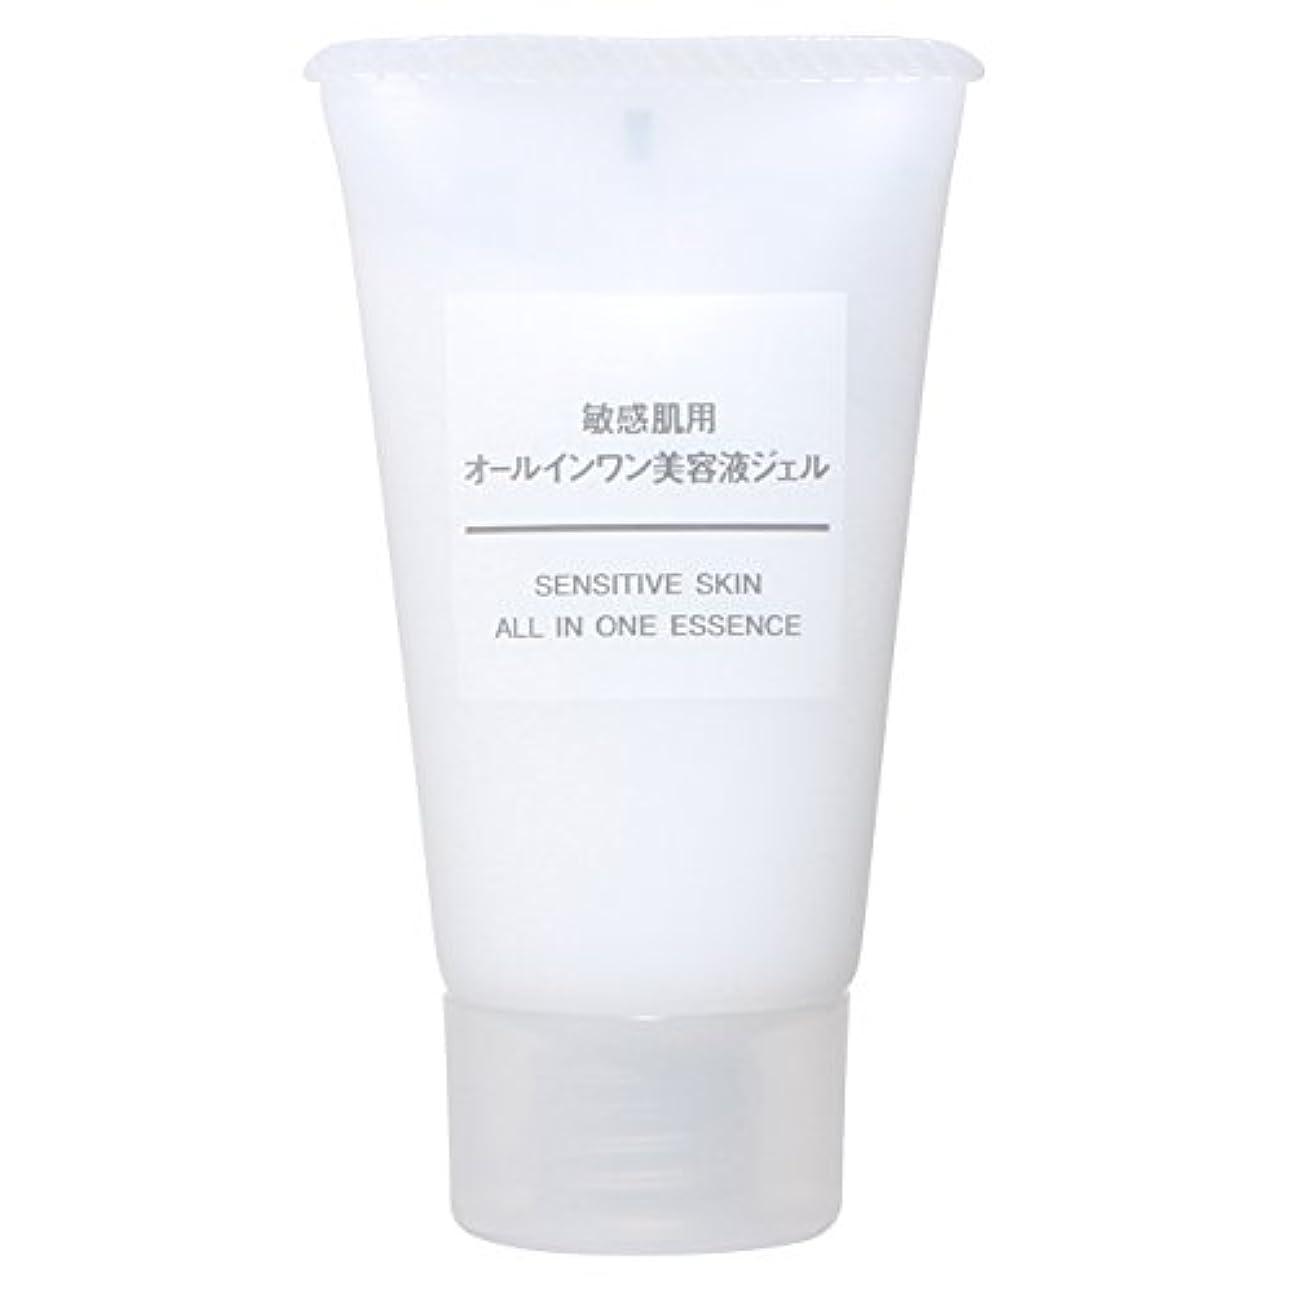 無印良品 敏感肌用オールインワン美容液ジェル(携帯用) 30g